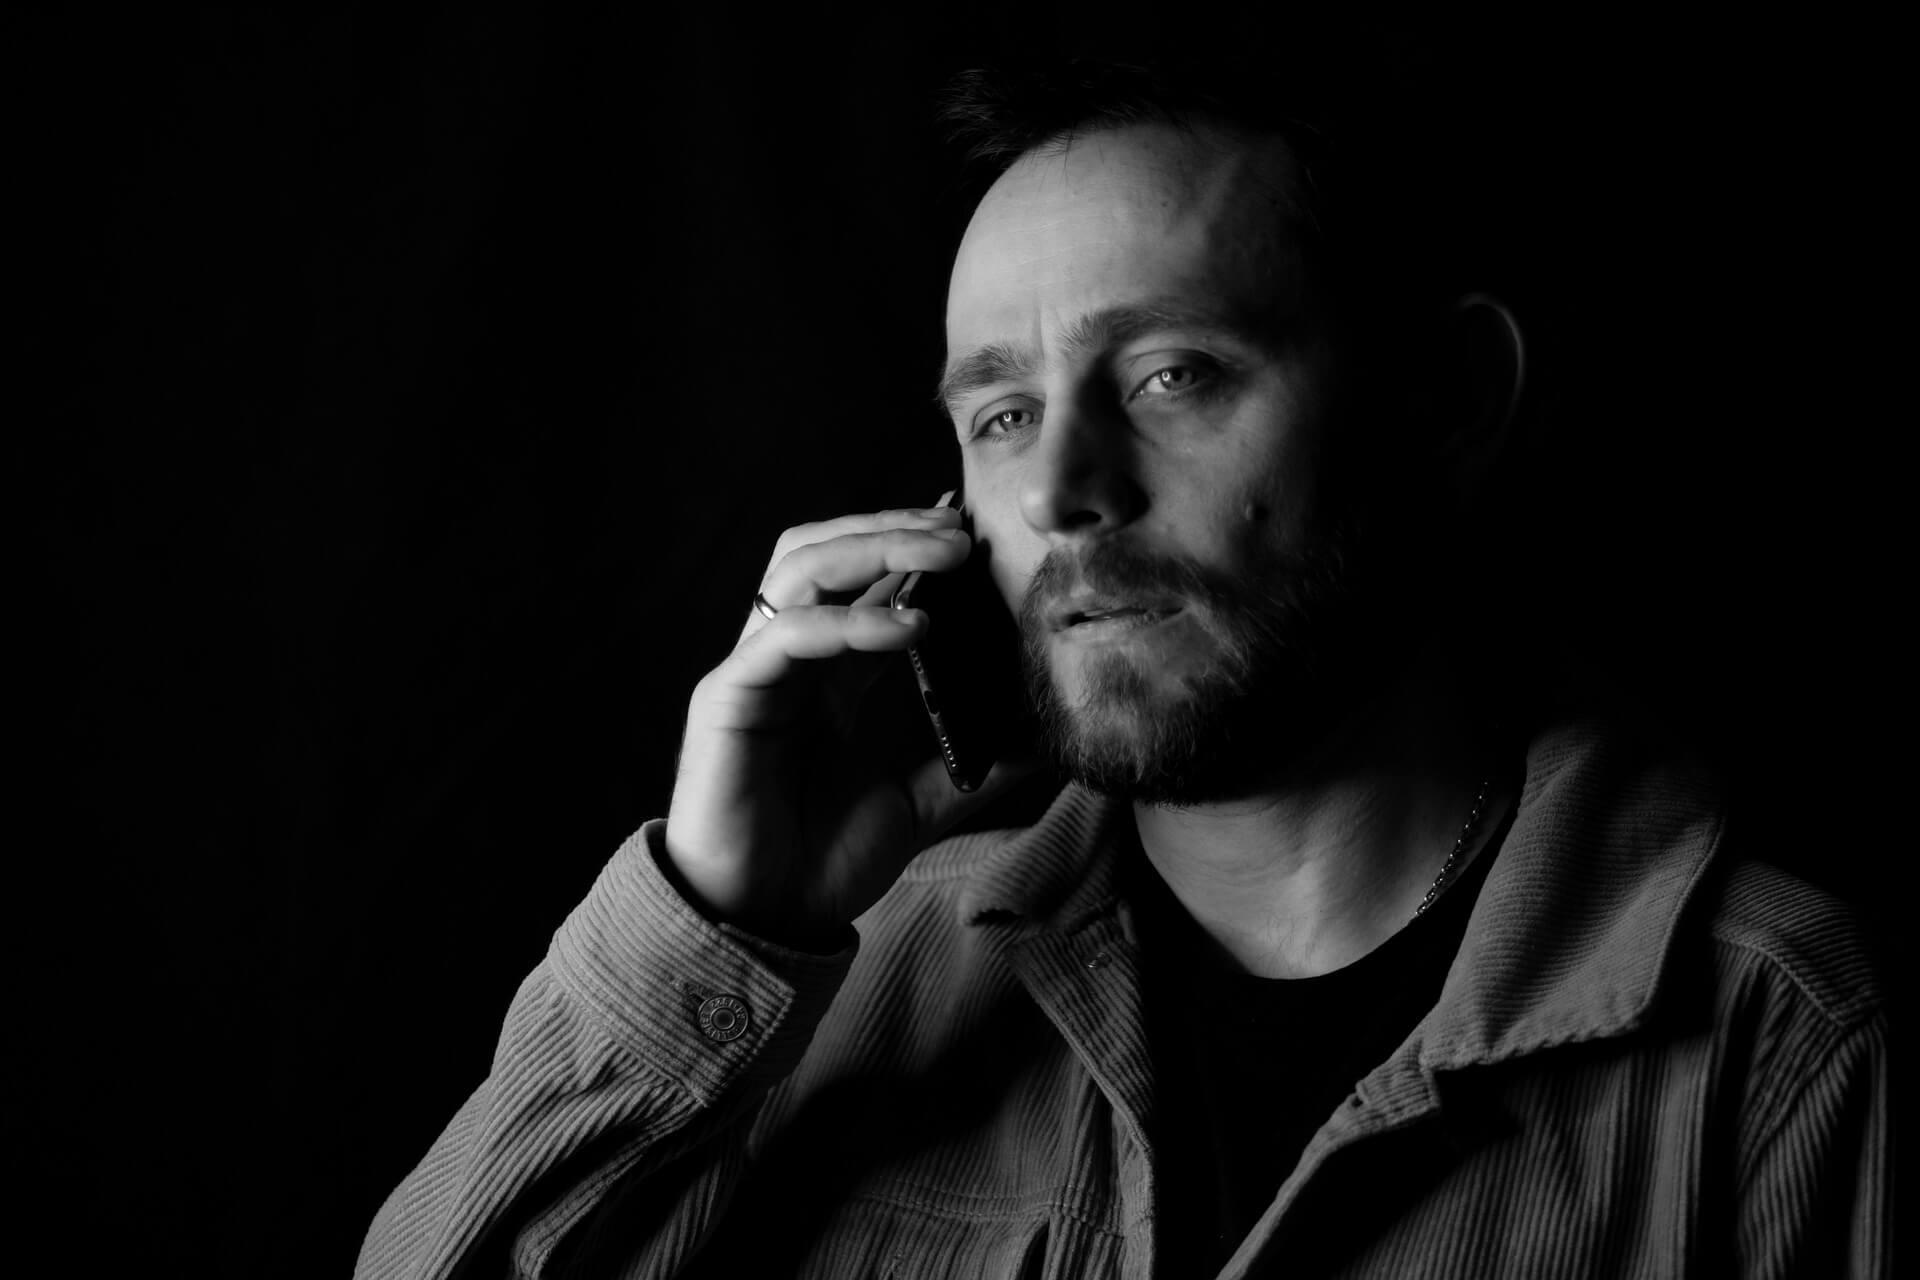 uhkapeliriippuvainen ottaa yhteyttä puhelimella